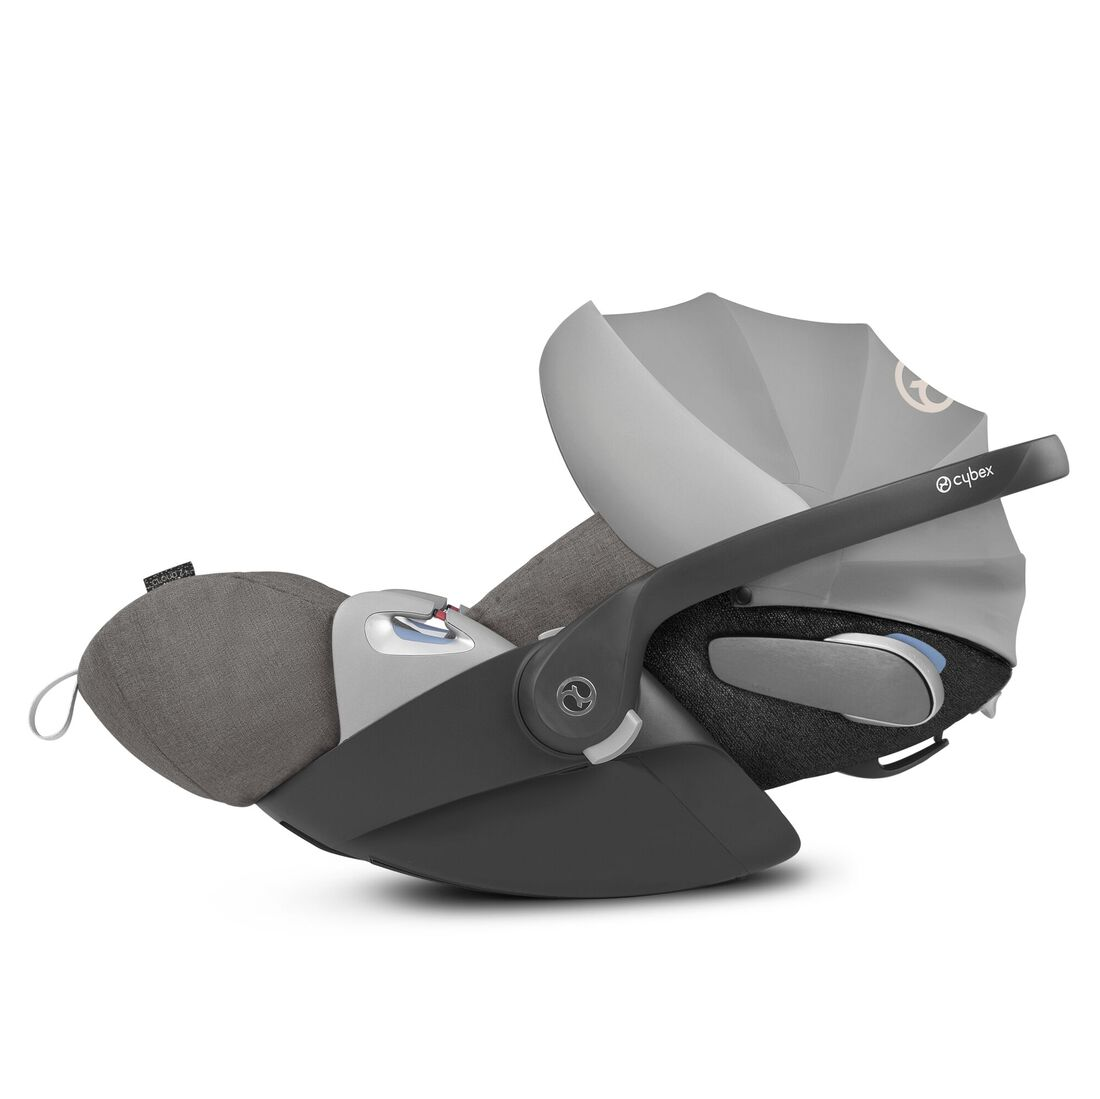 CYBEX Cloud Z i-Size - Soho Grey Plus in Soho Grey Plus large Bild 1